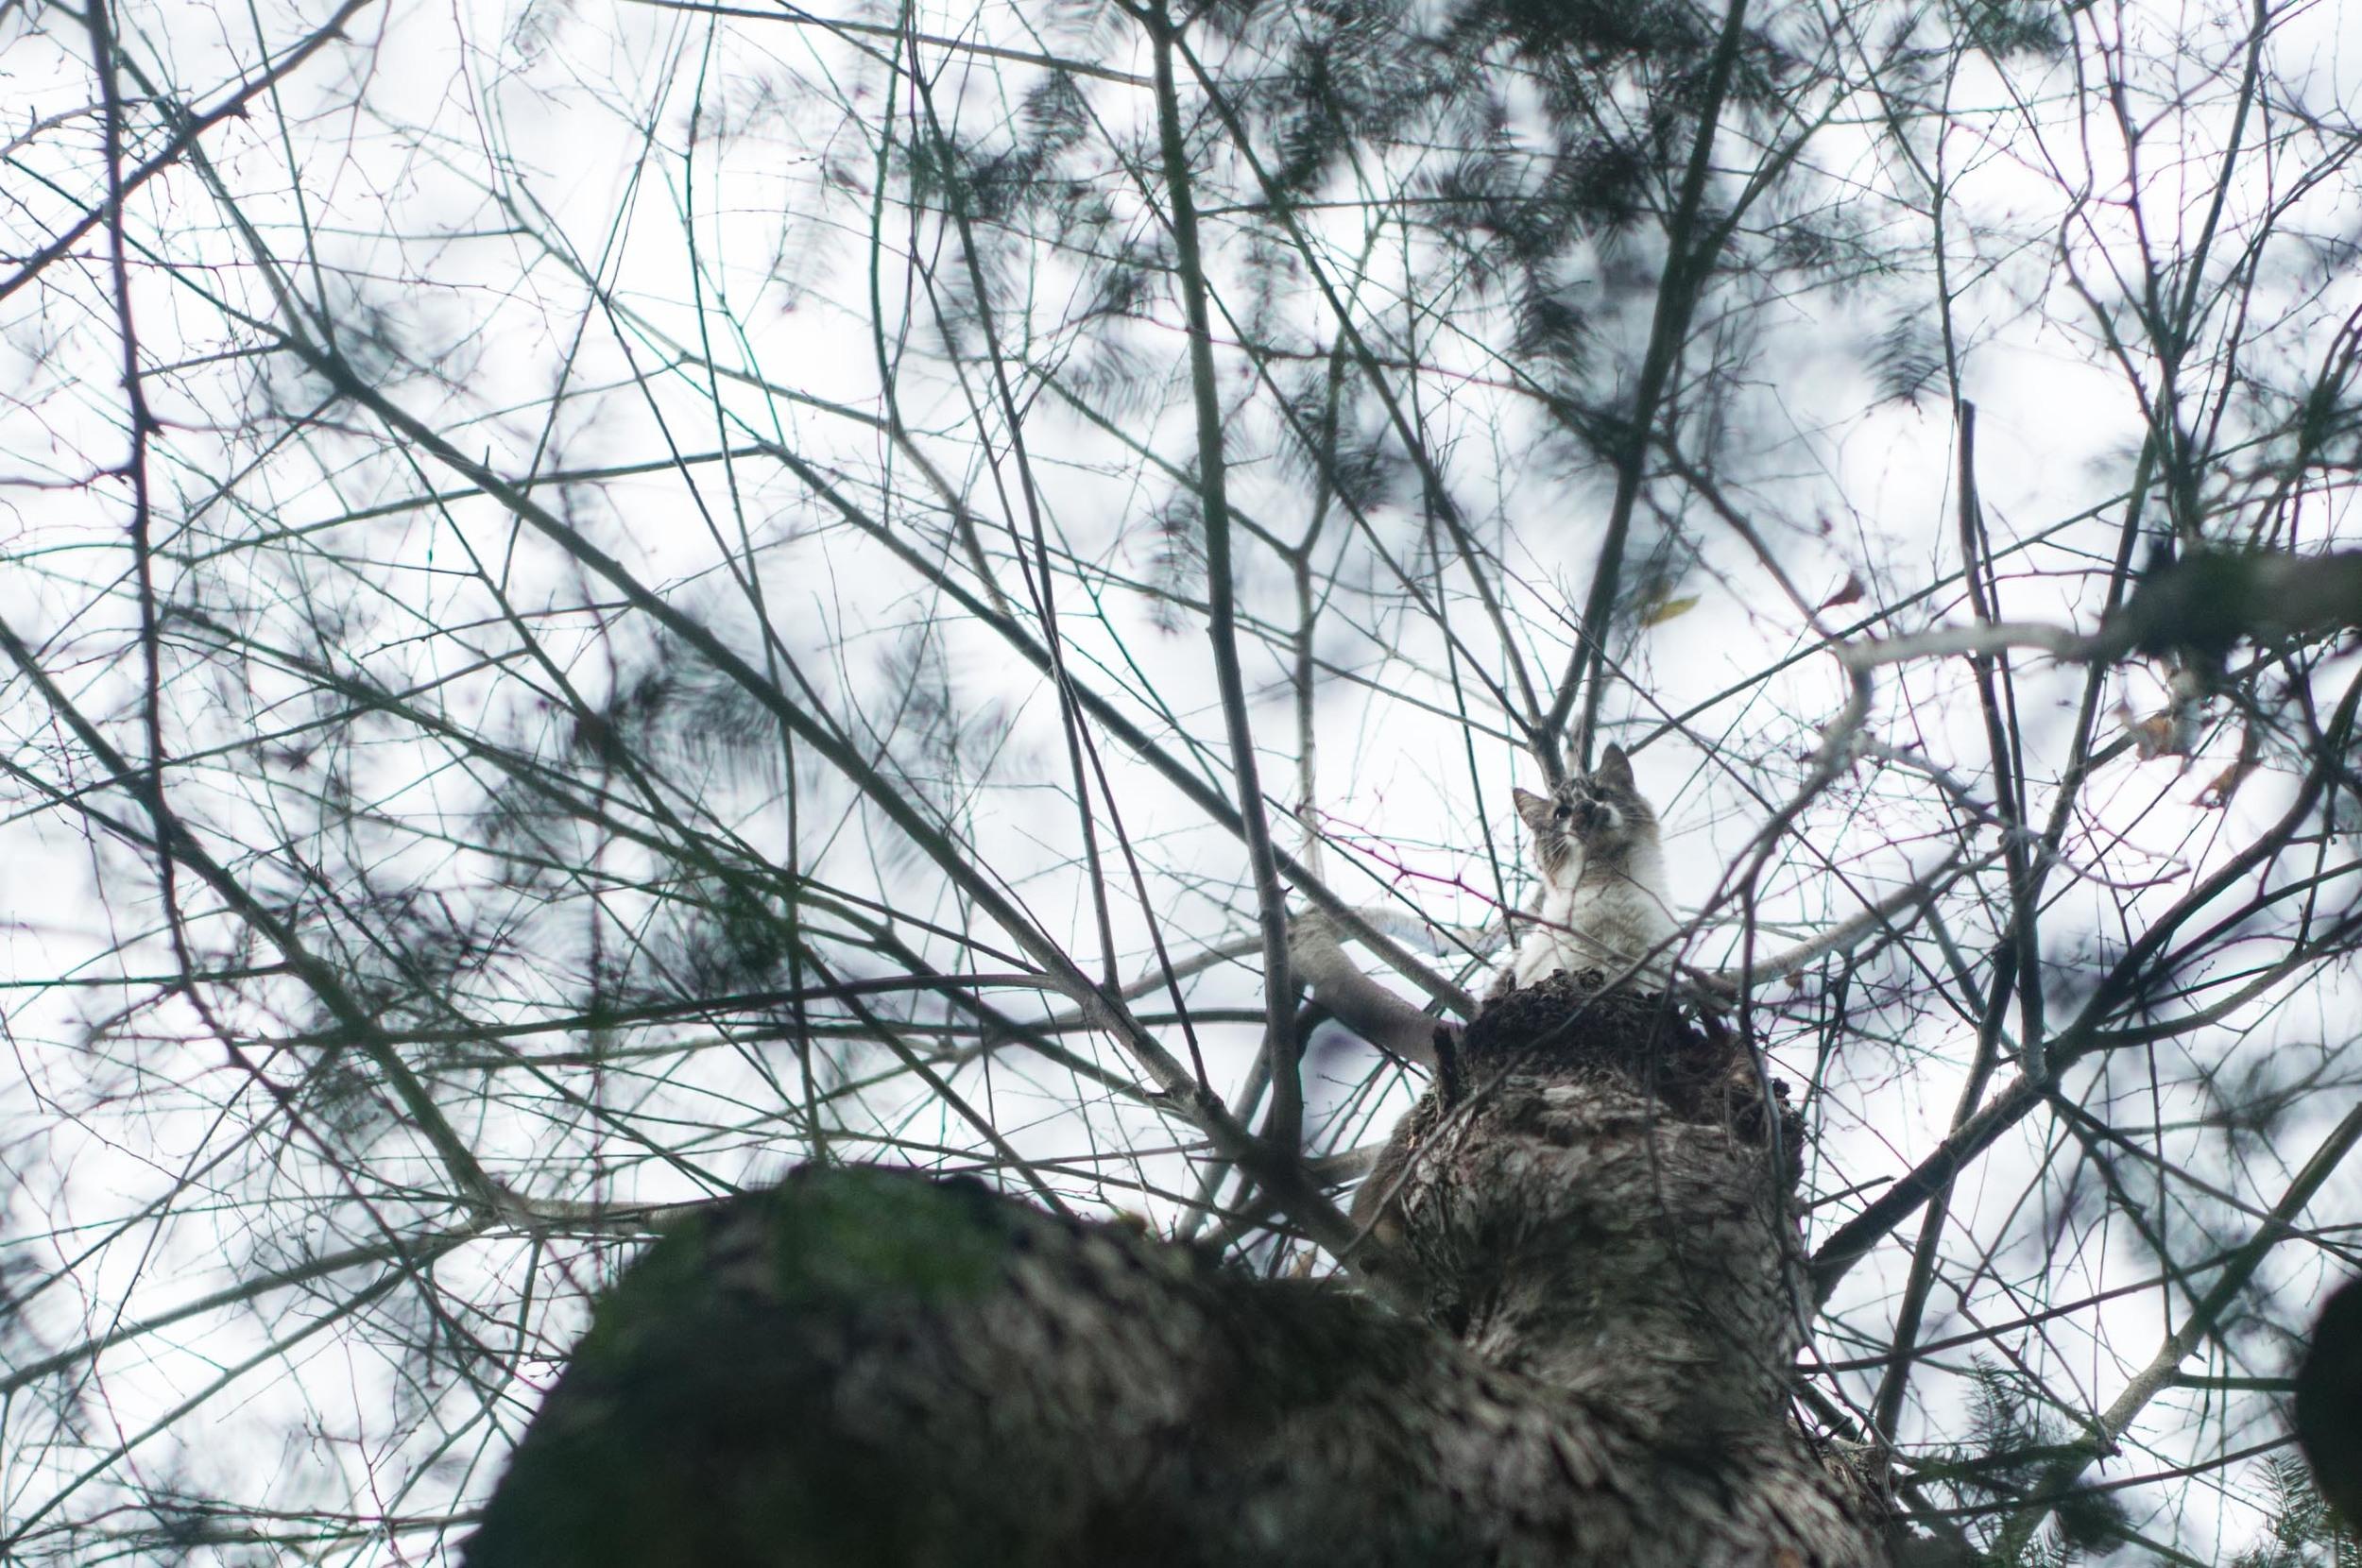 sophie-cat-in-a-tree-5.jpg